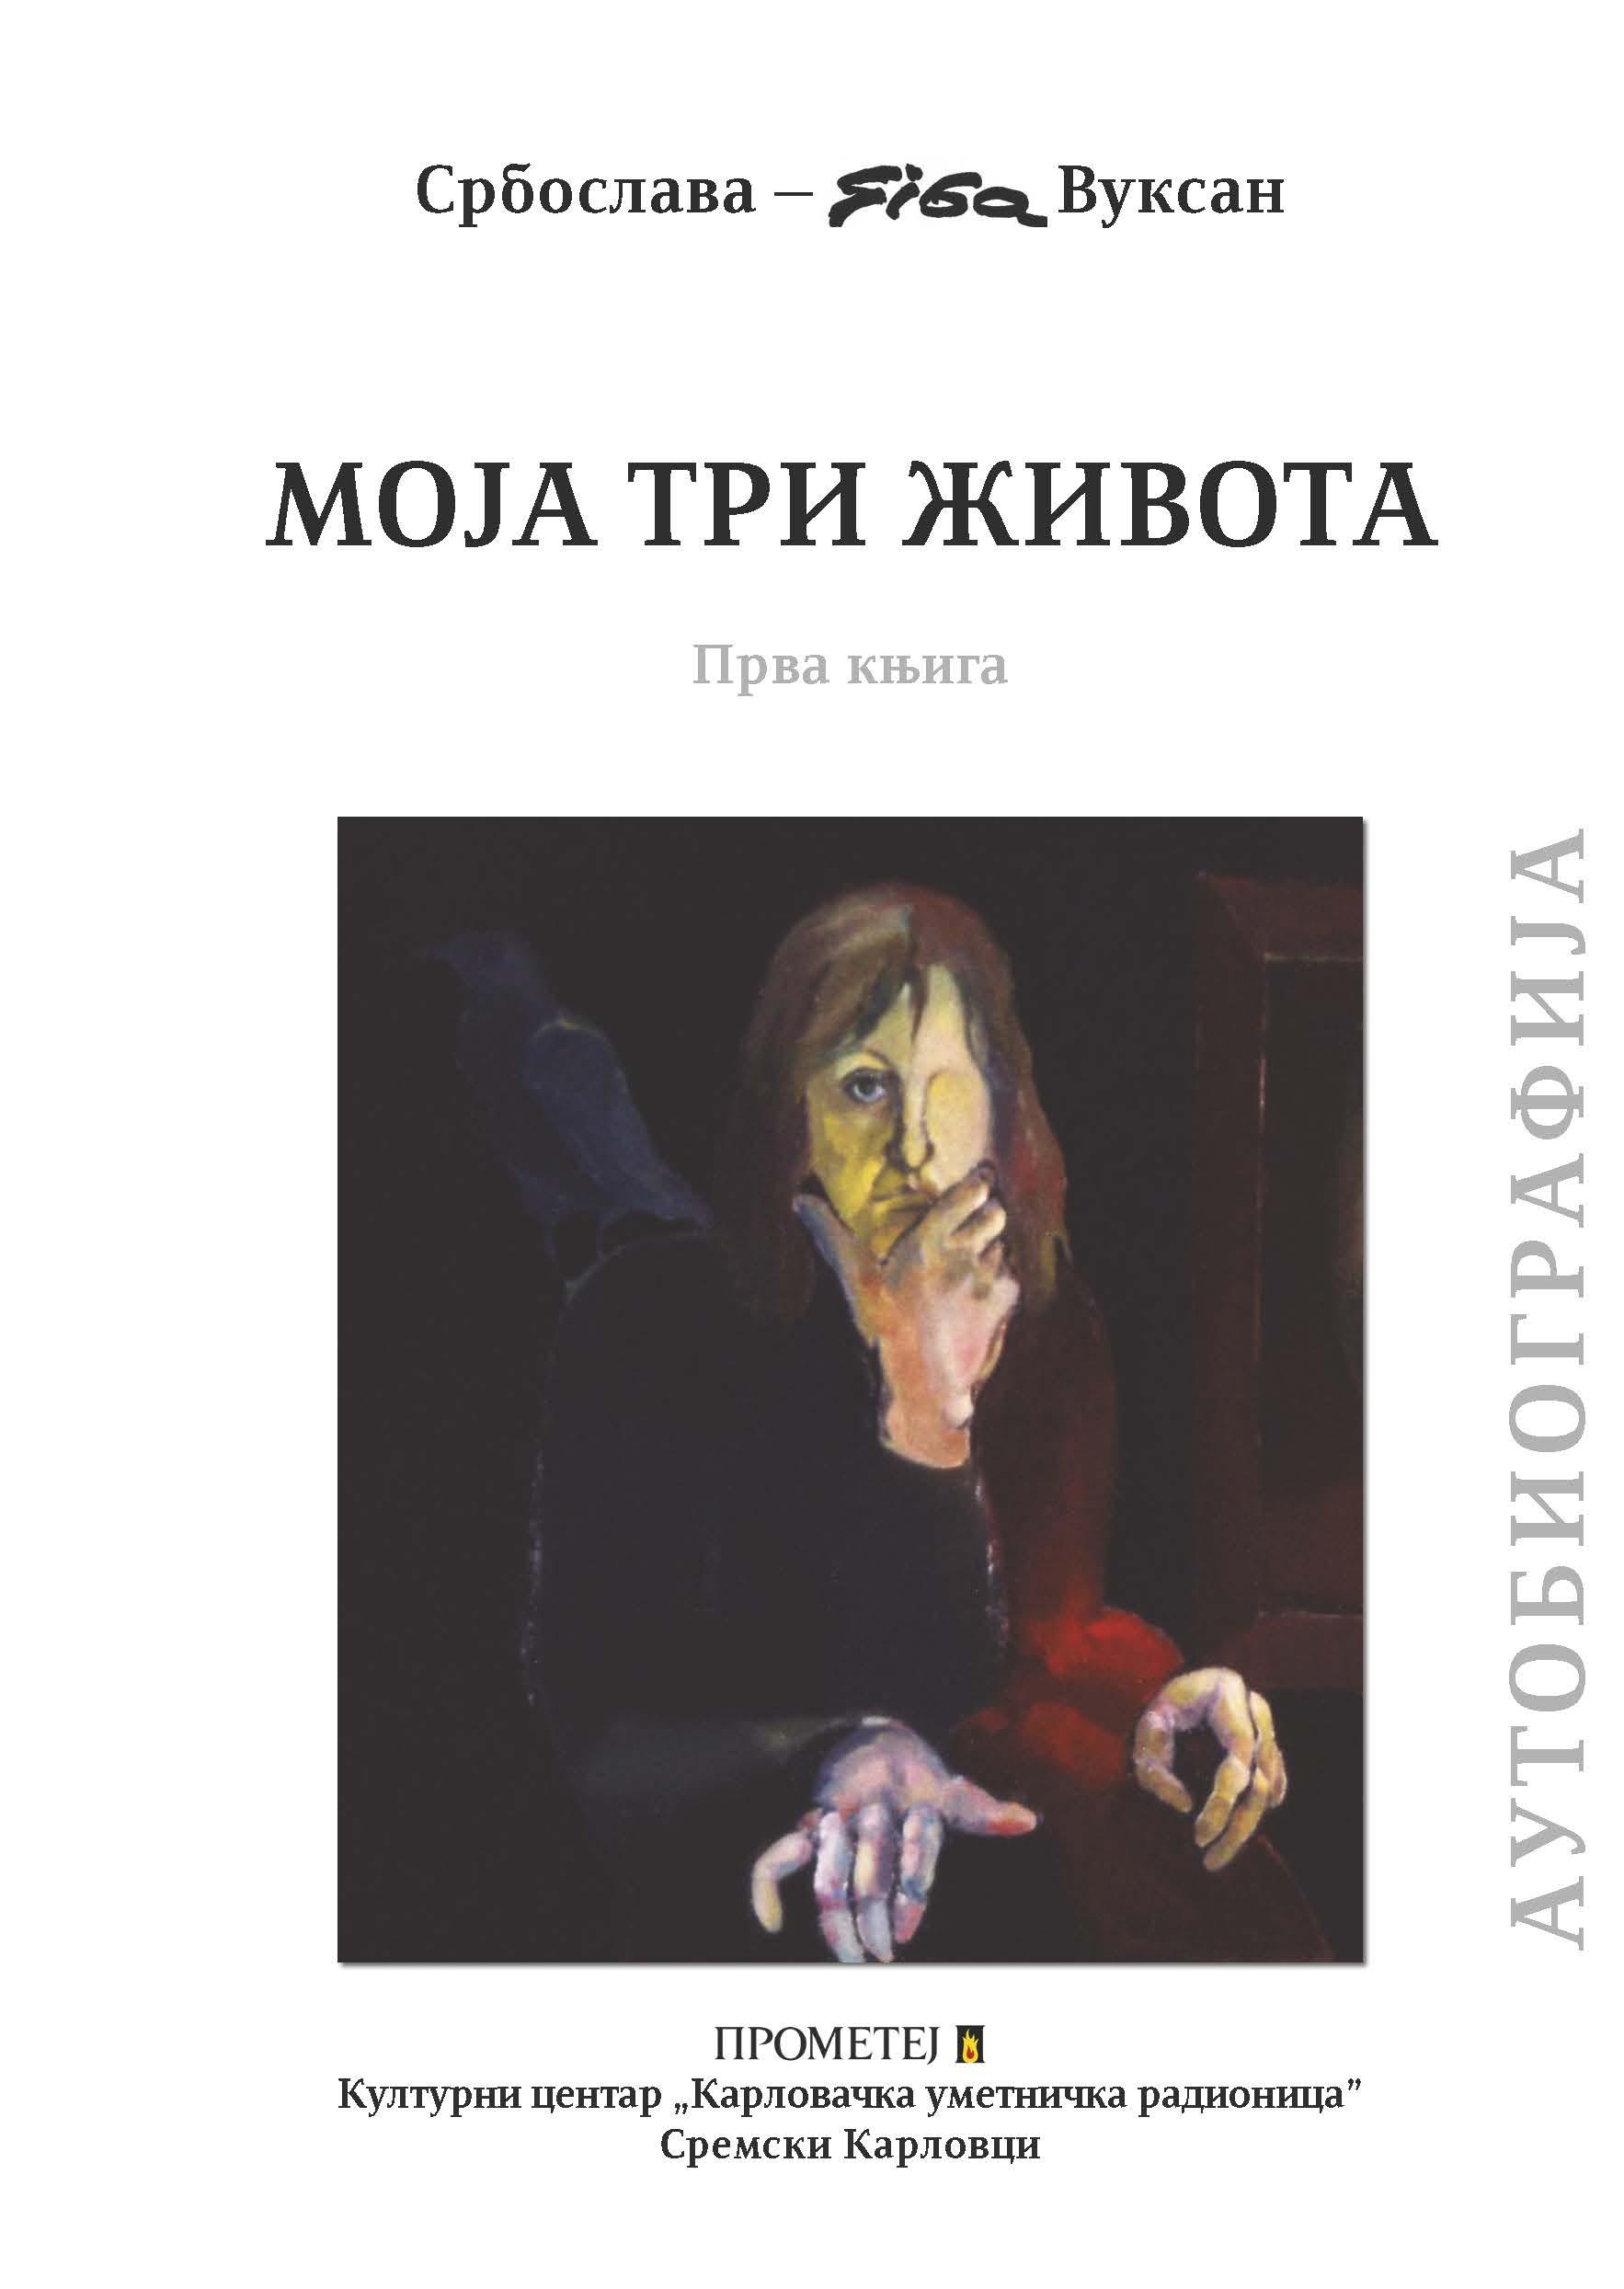 Moja tri života – prva knjiga